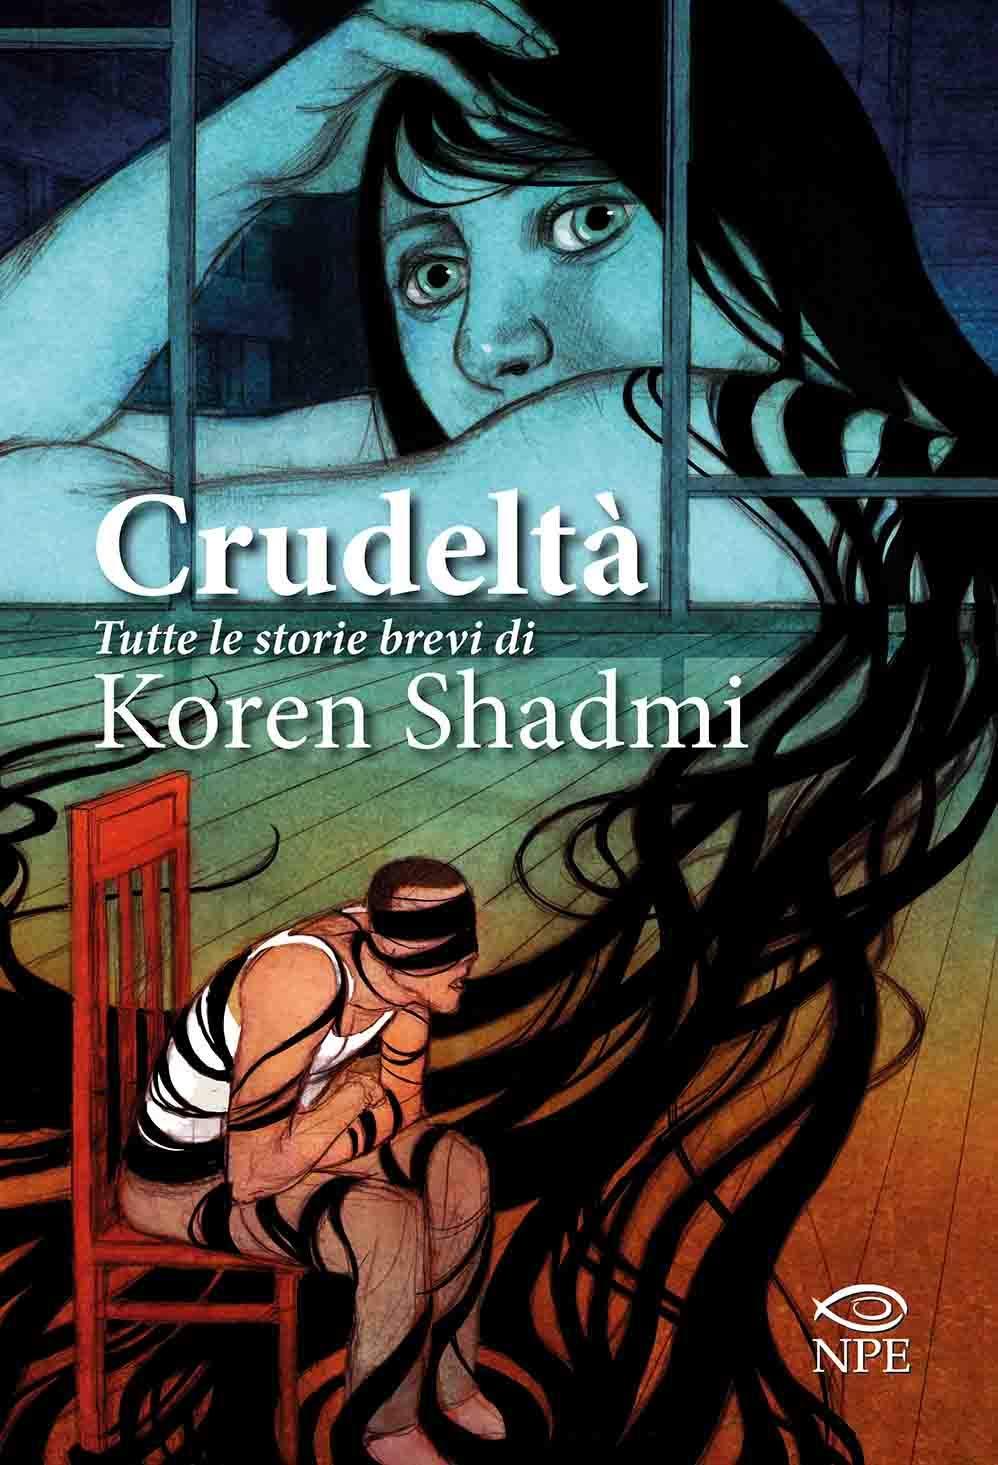 Crudeltà, l'opera a firma di Koren Shadmi